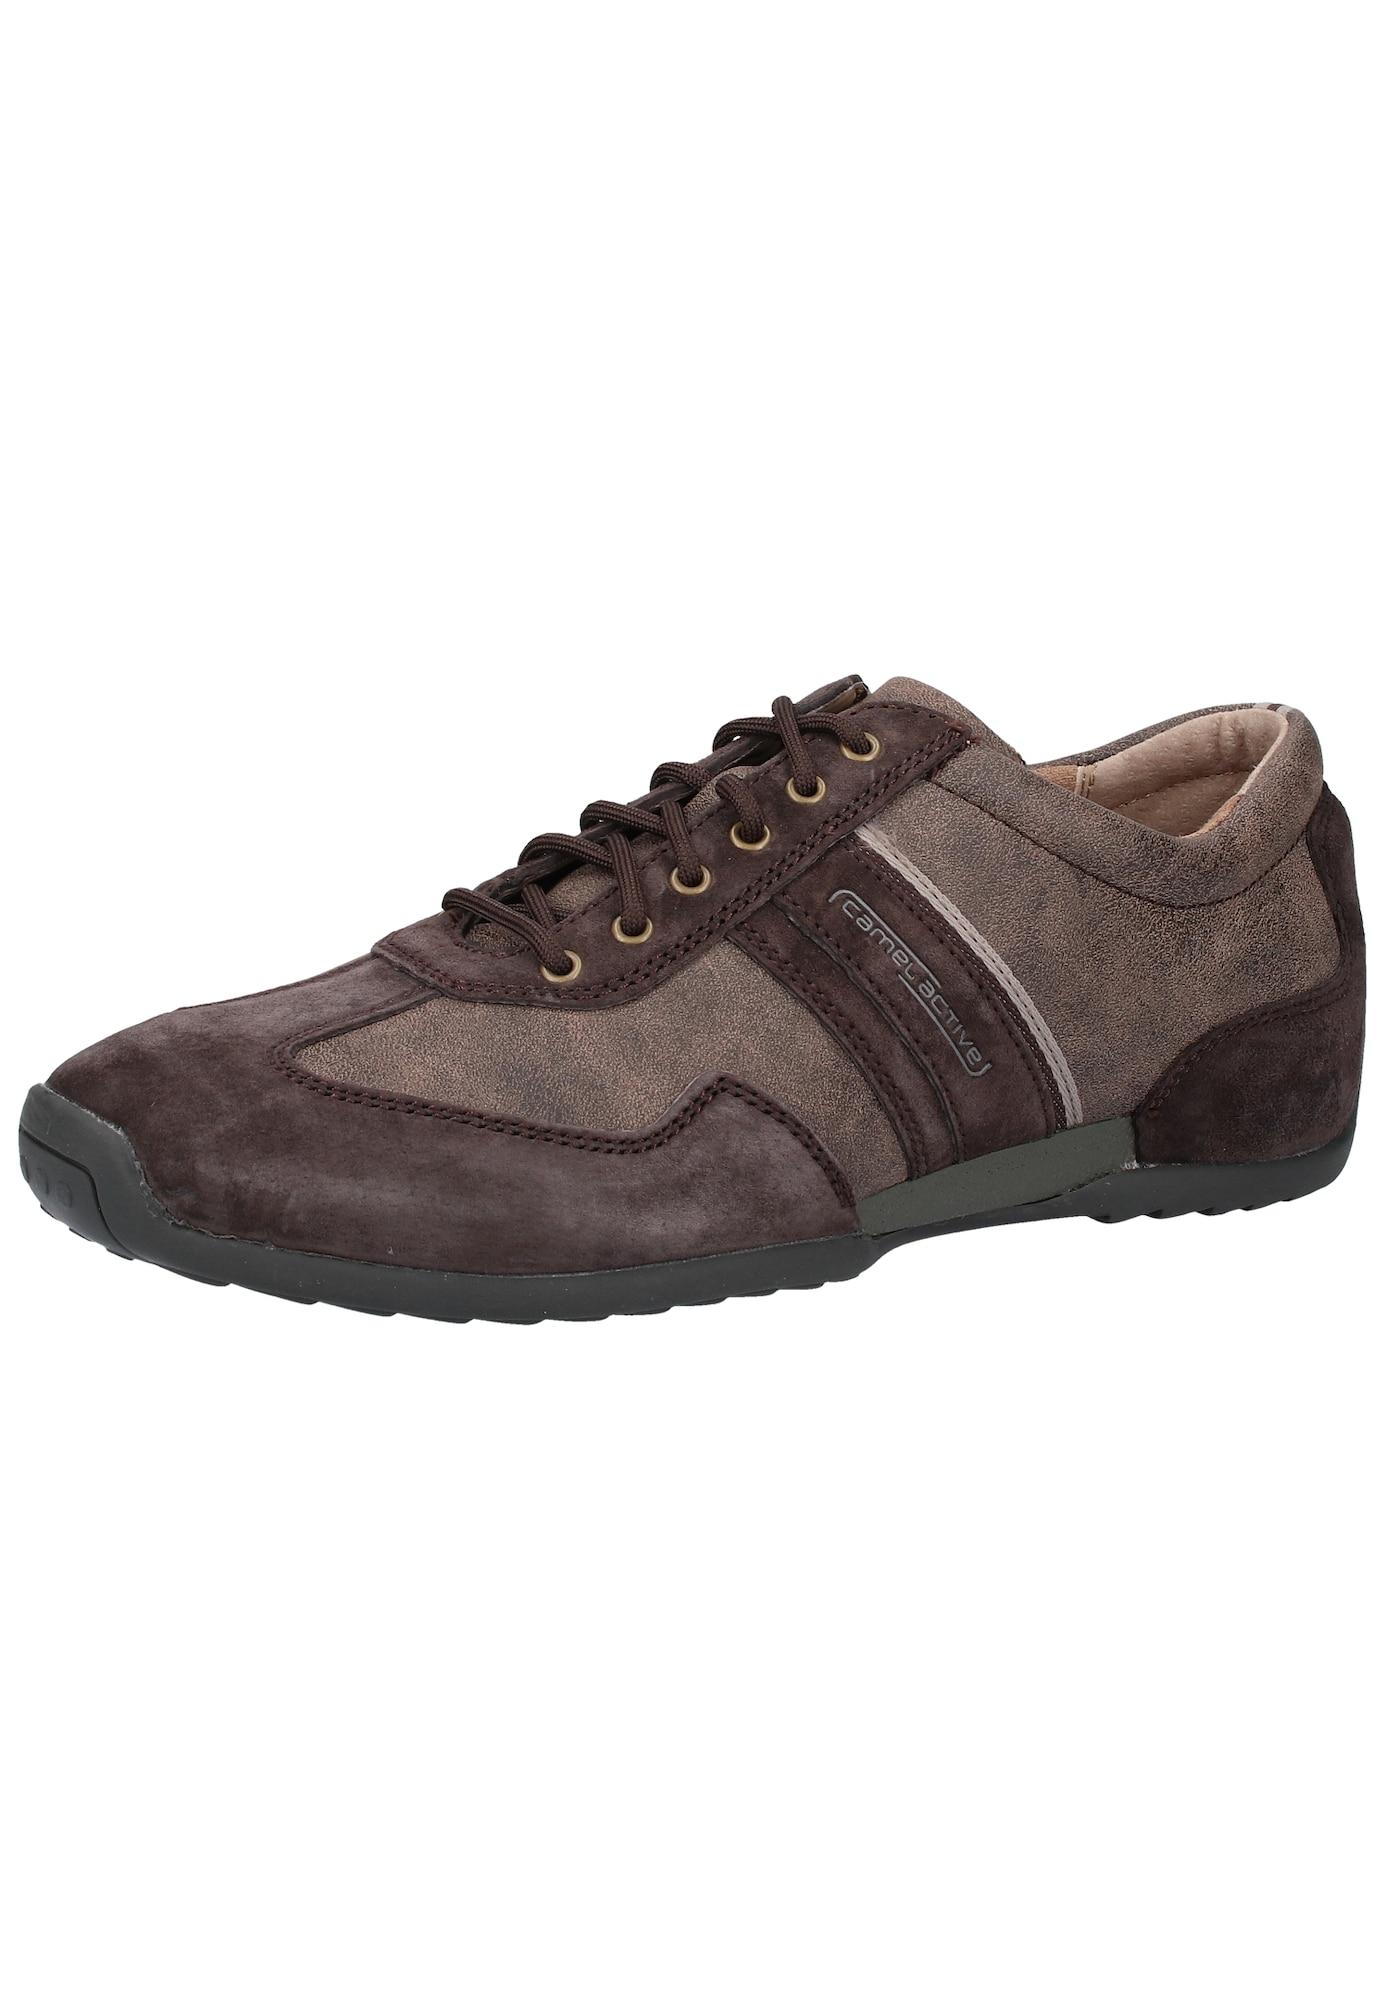 Halbschuhe   Schuhe > Boots > Boots   camel active